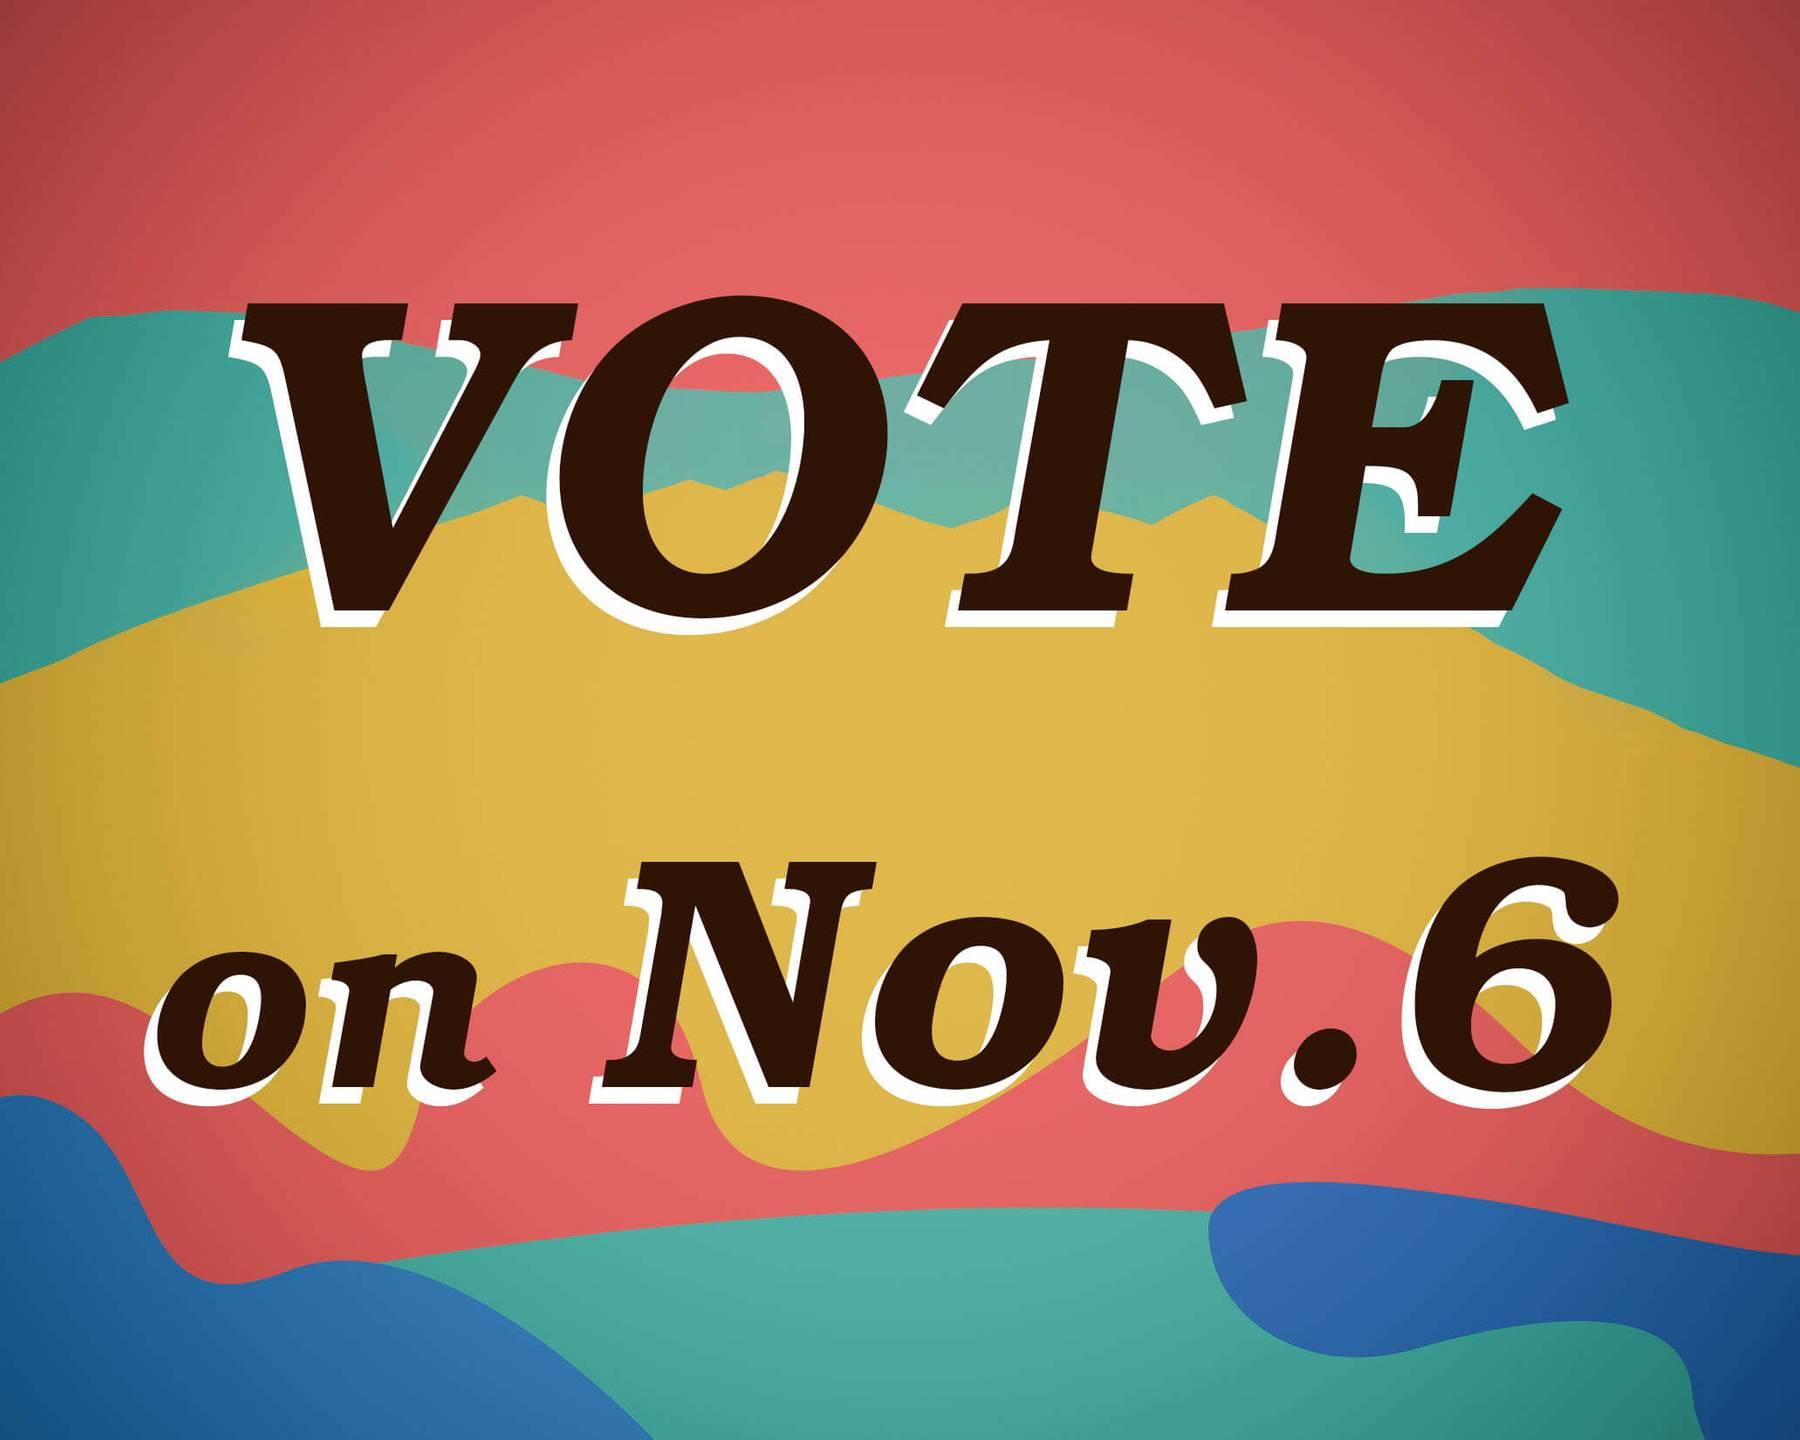 Vote on Nov. 6 Polls pbs rewire